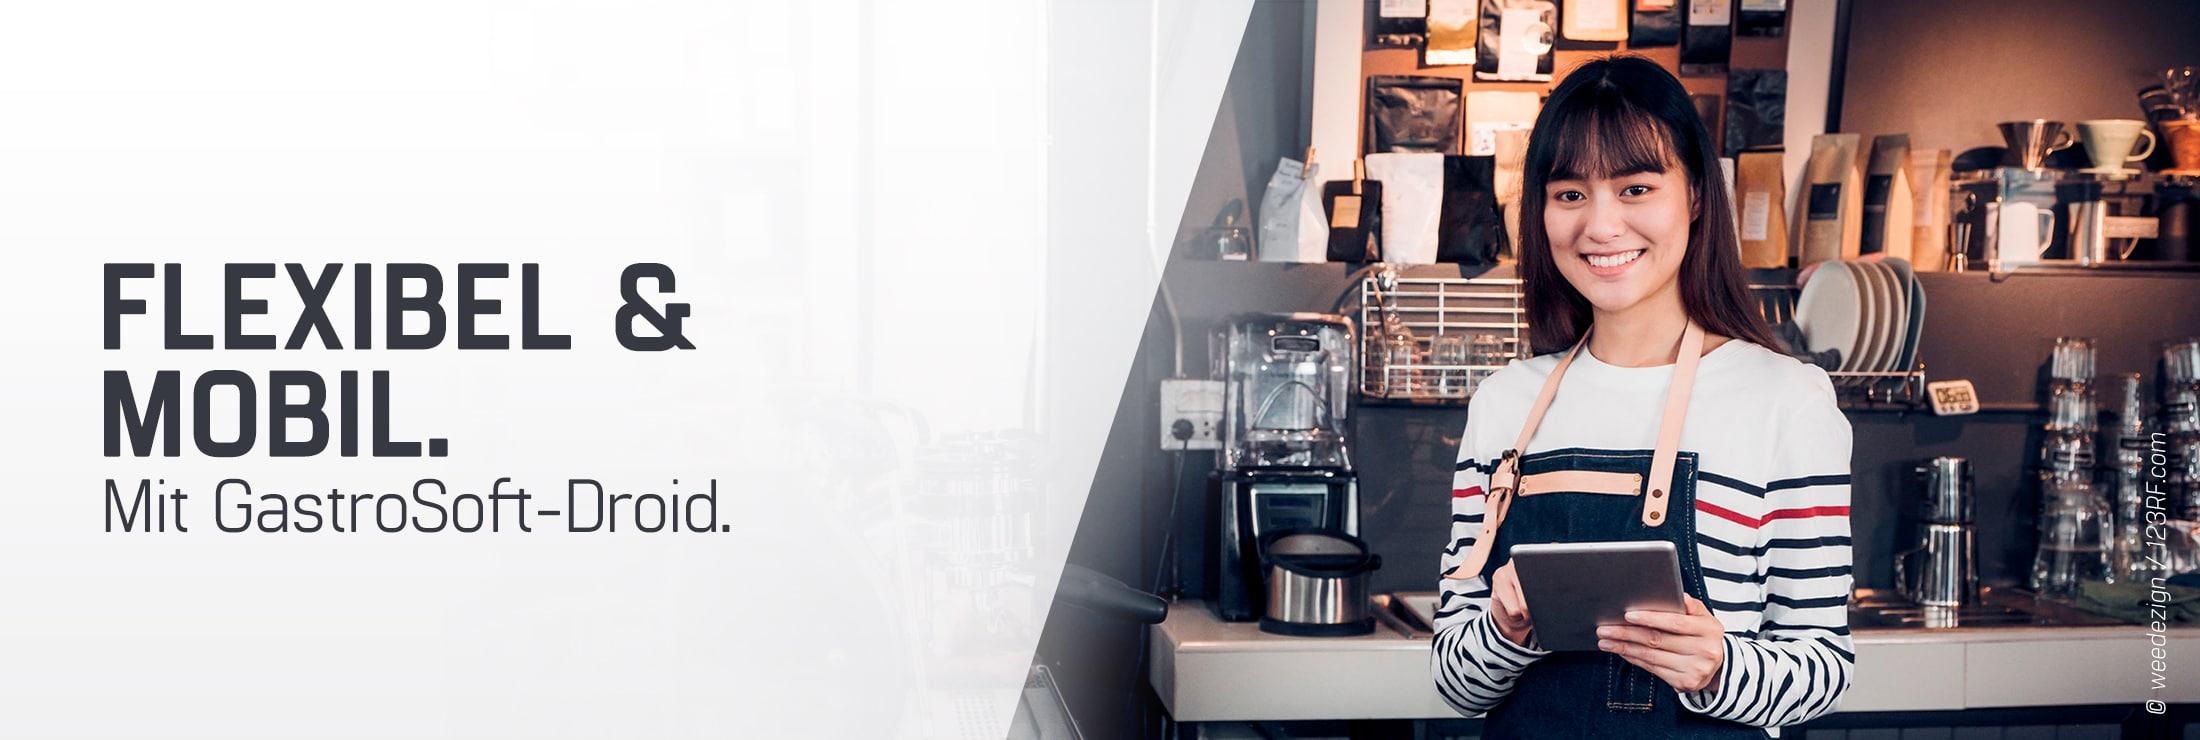 braunhaarige Frau im weiß-gestreiften pullover in einem Cafe als Kellnerin oder Barista stehend für Droid mobile Bestelllösung